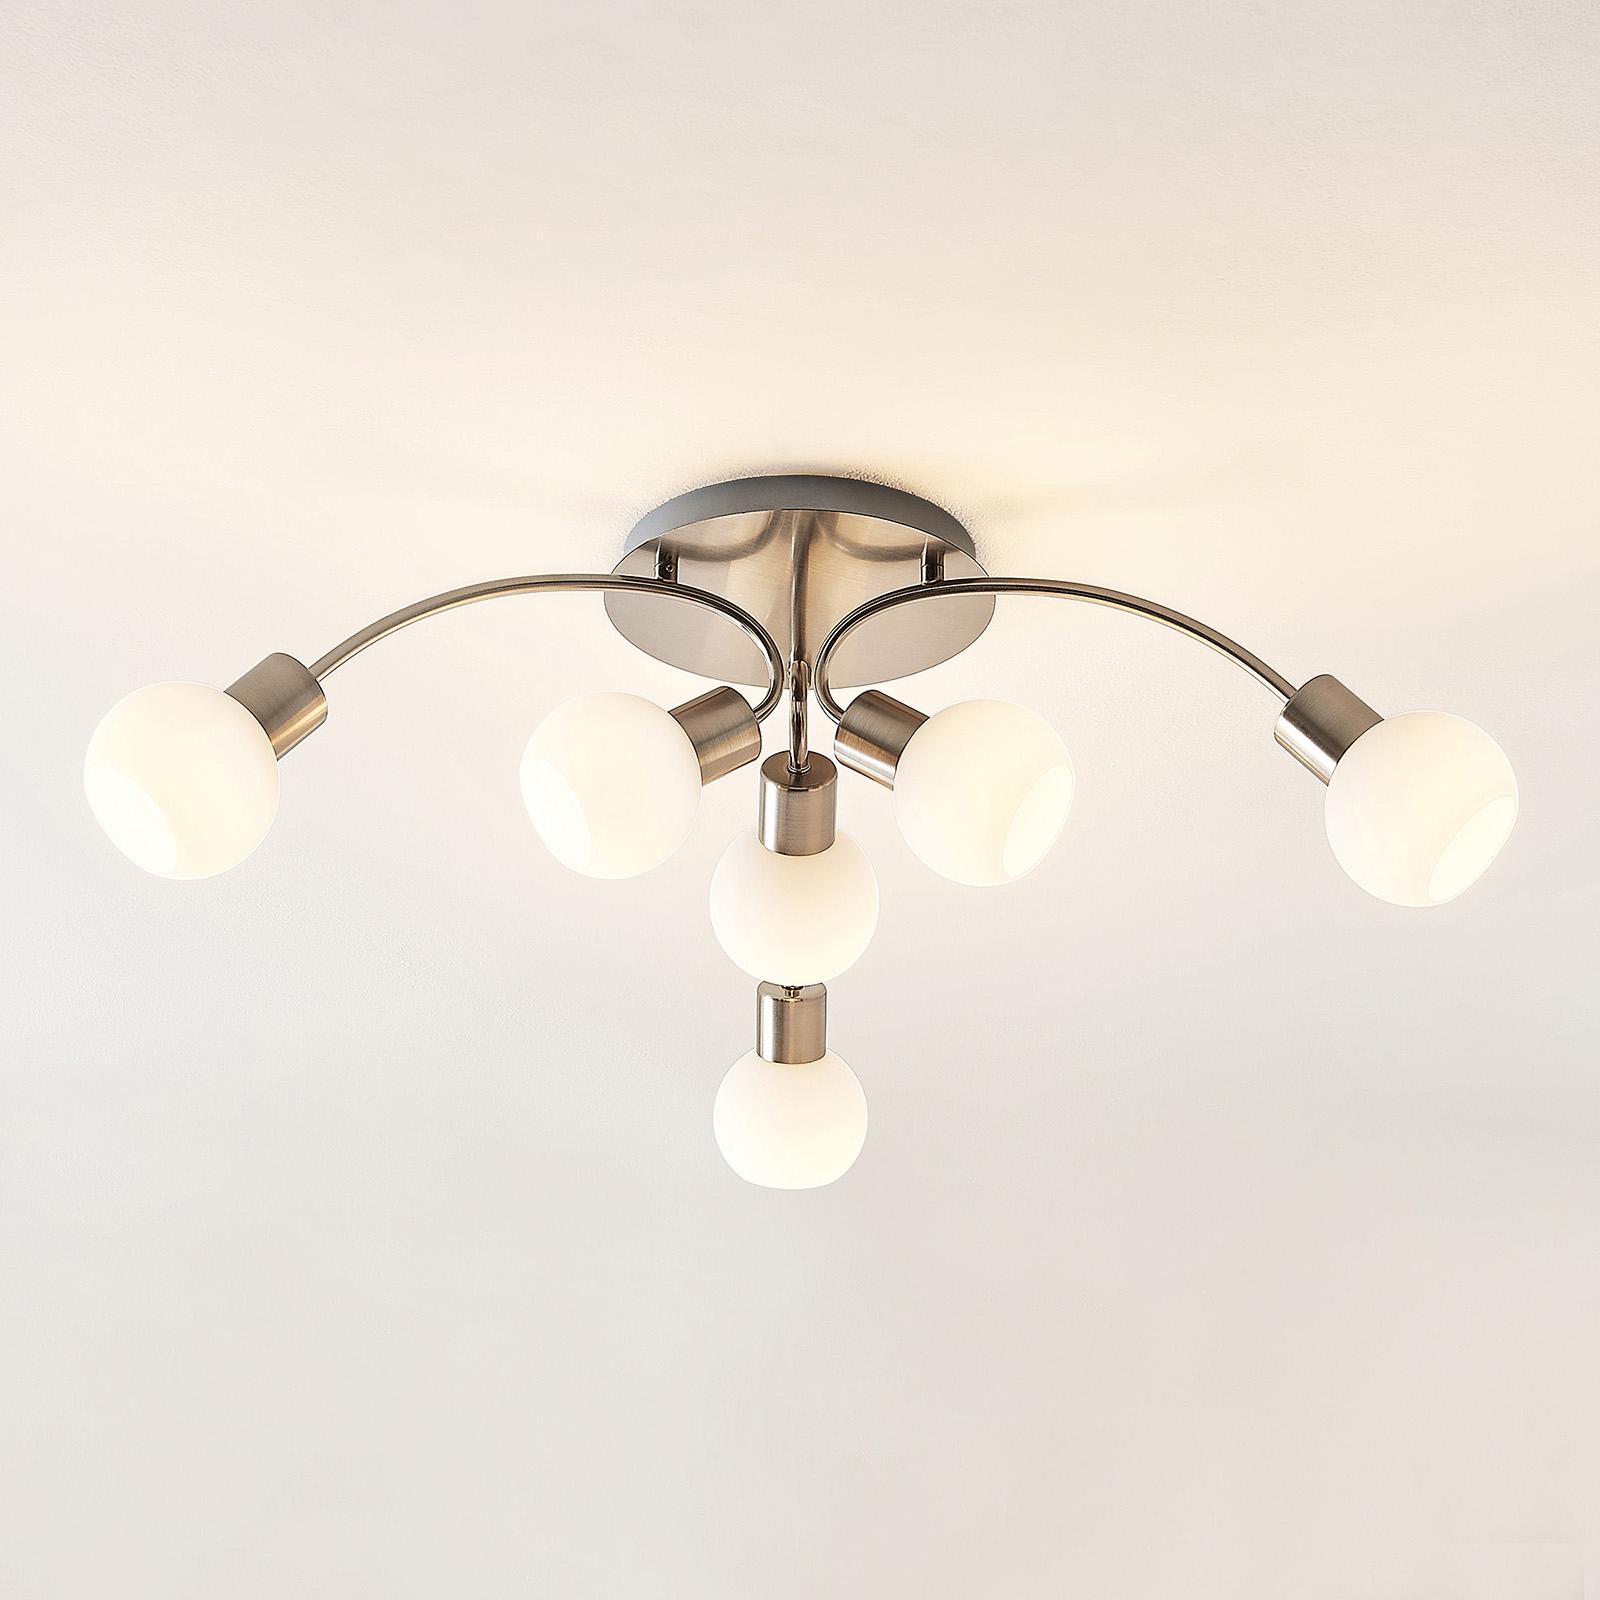 Lindby Tancerdi plafonnier LED en nickel